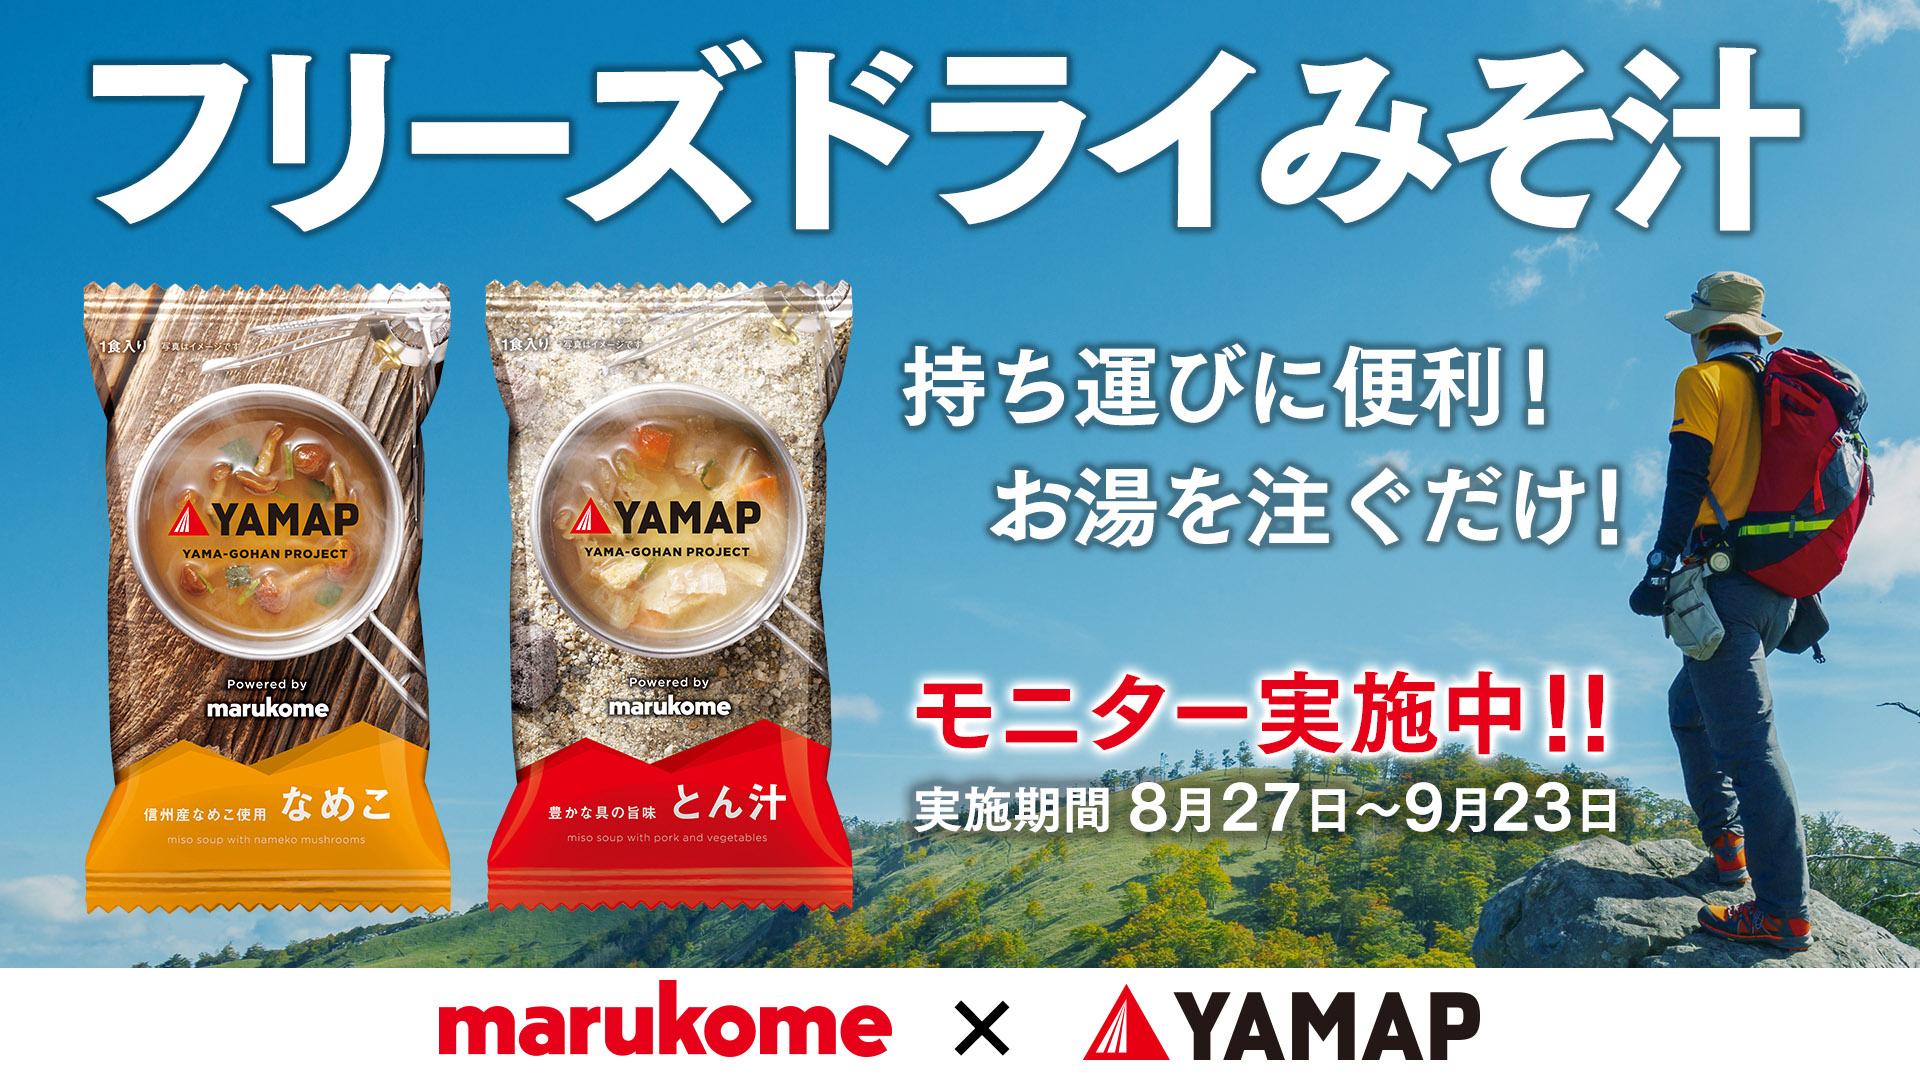 マルコメみそ汁【FD YAMAP なめこ&とん汁】 モニター大募集!